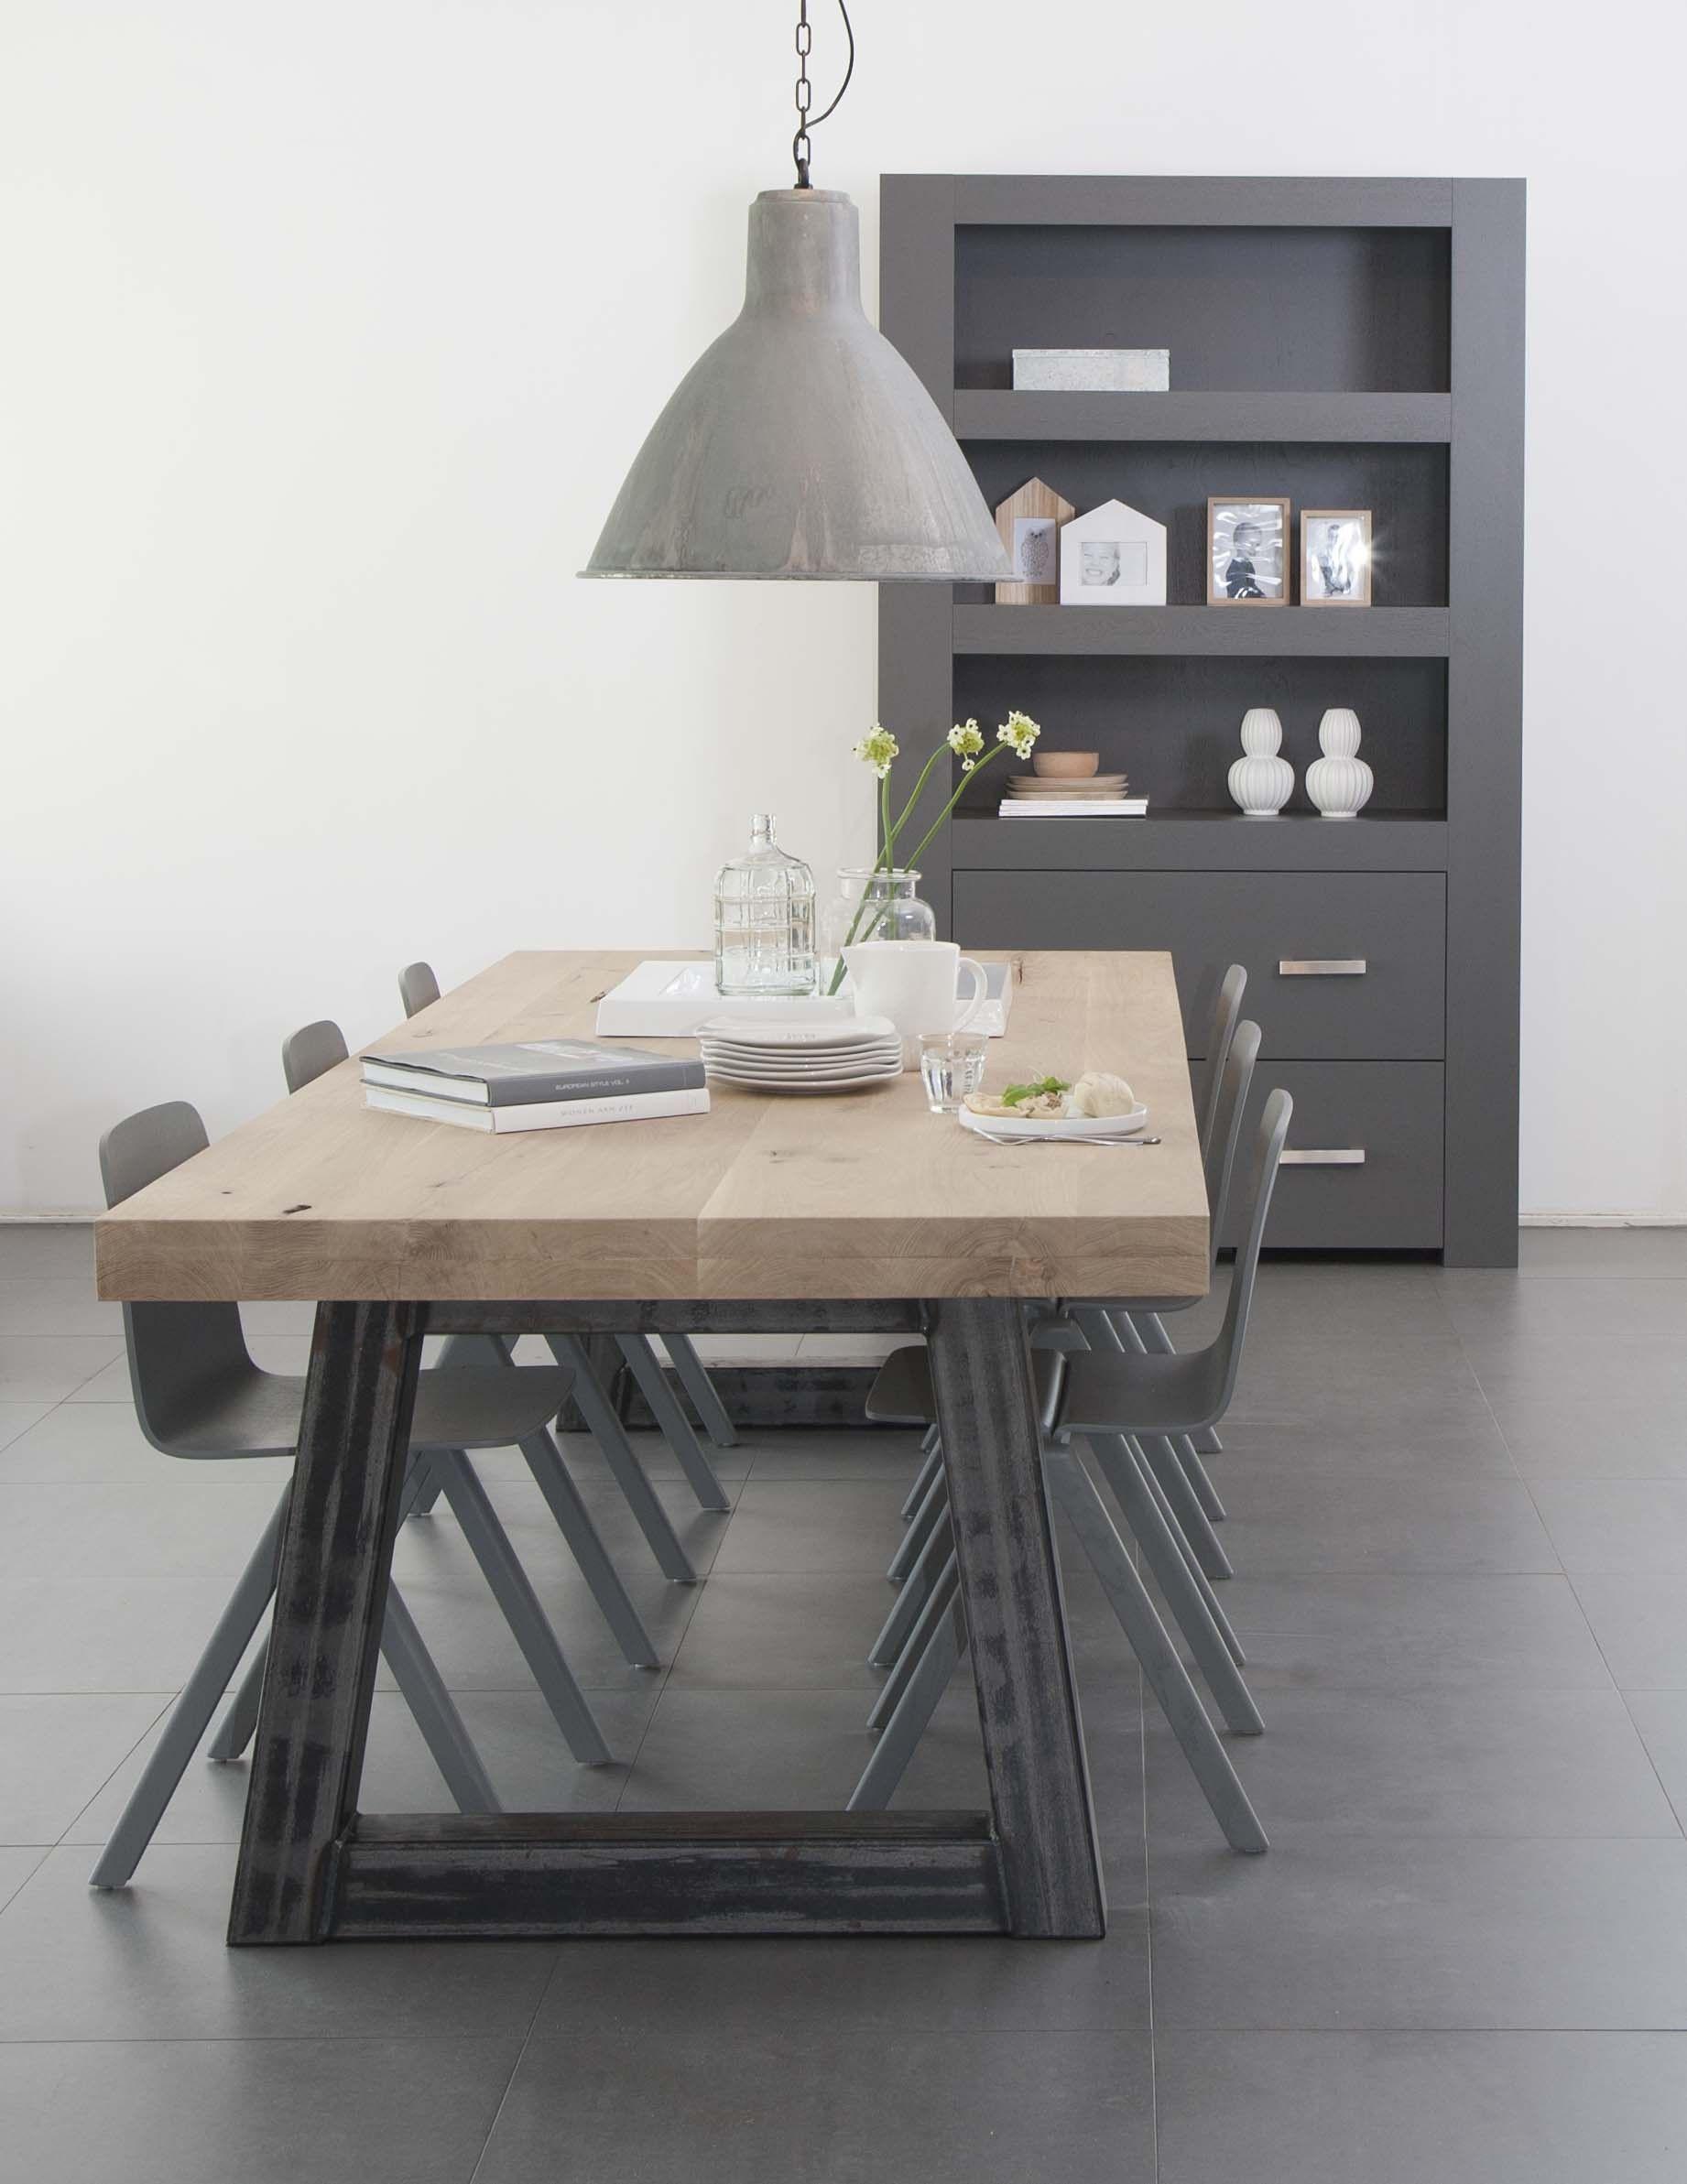 tafel met metalen onderstel, metalen poten, eiken tafel met ijzeren ...